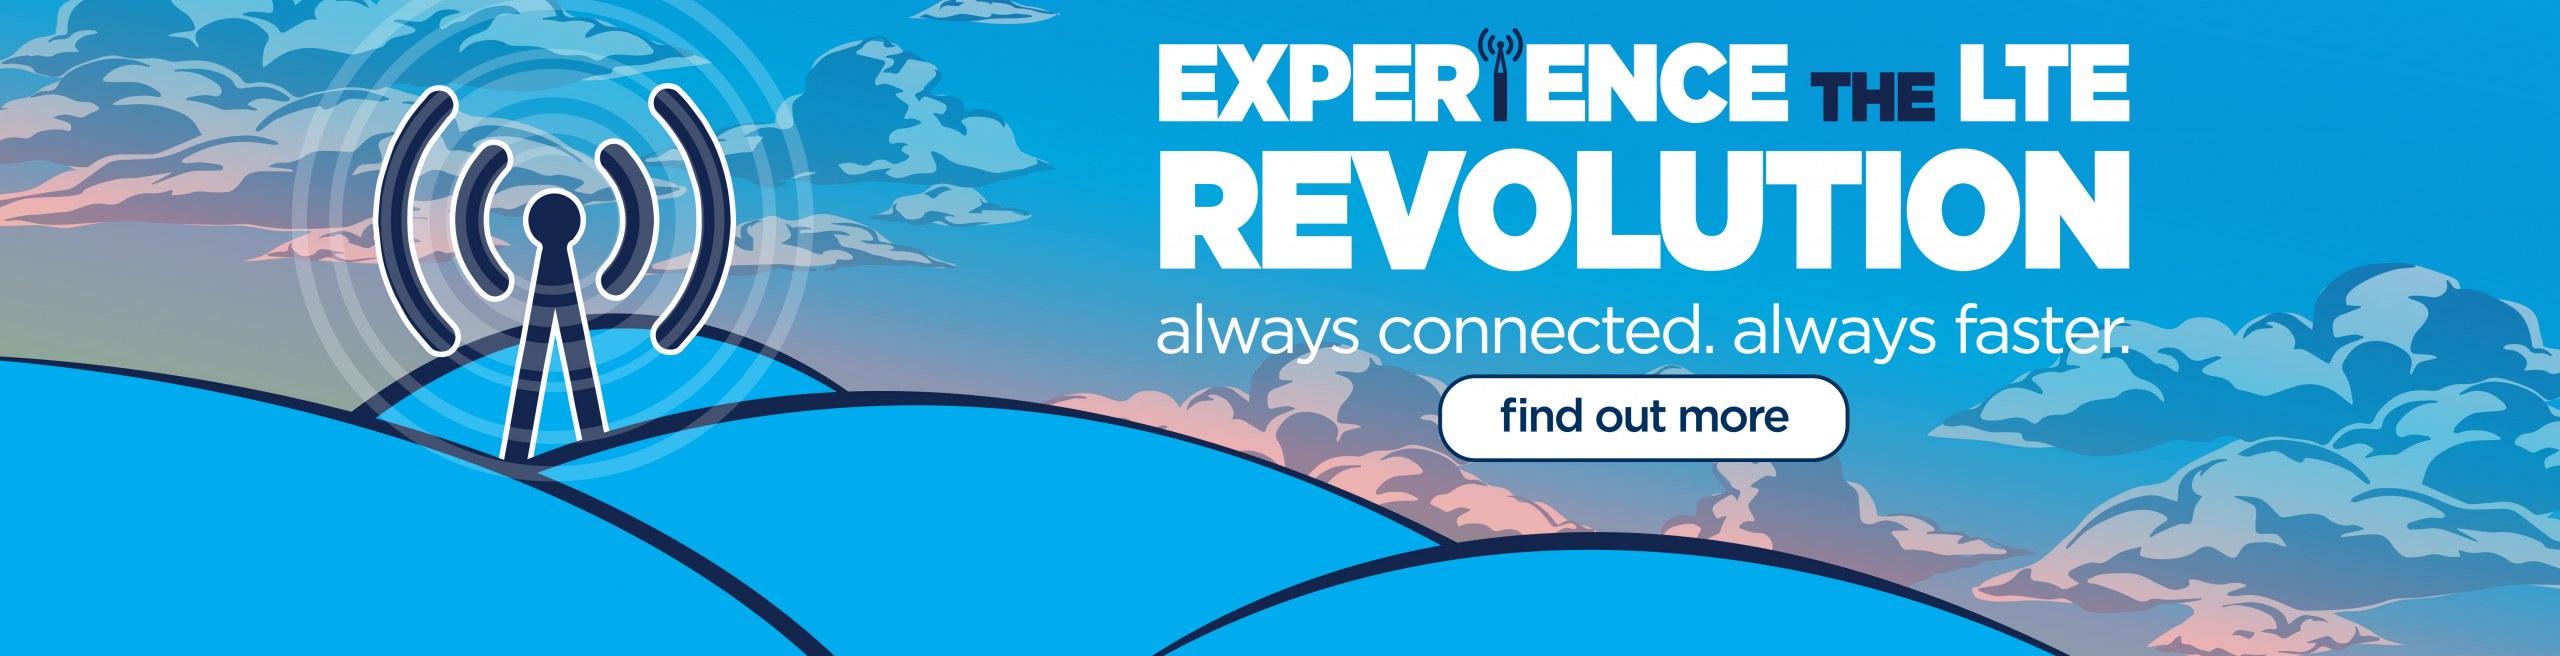 mobile-prepaid-banner